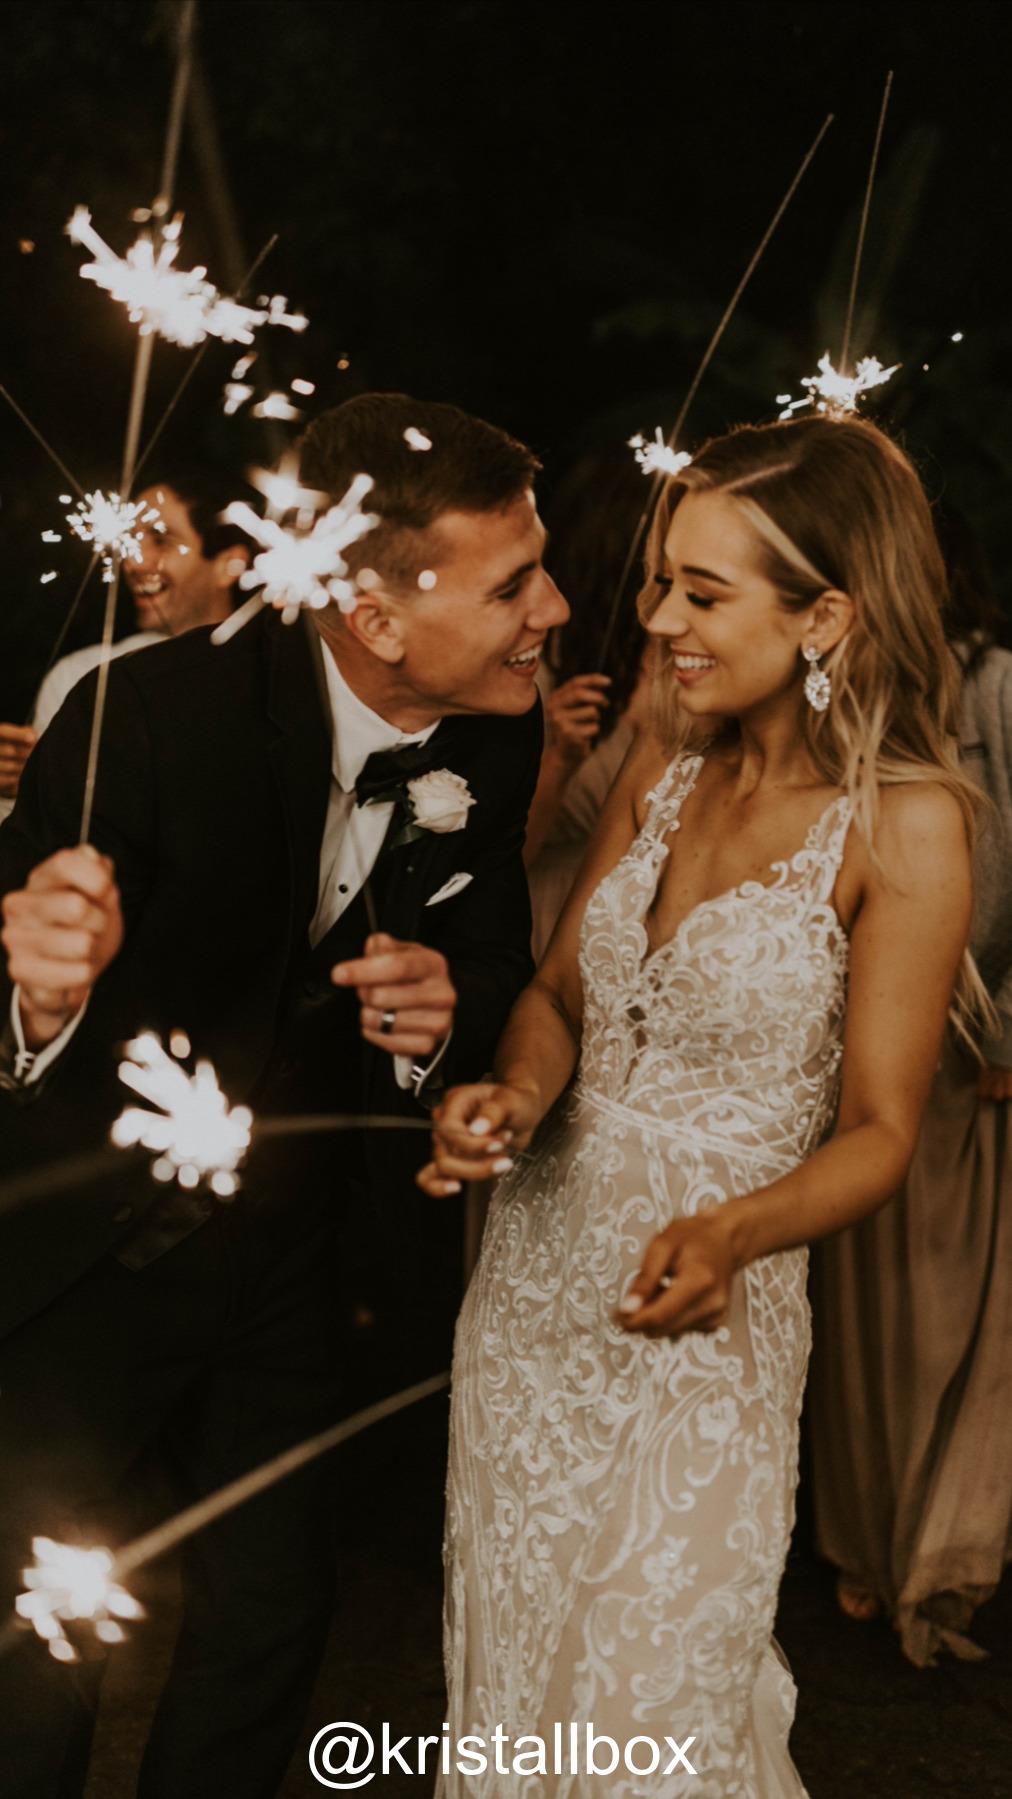 hochzeit einzigartige g hochzeitsgeschenk wien austria wiener graz wedding isaidyes verlobung weddingday